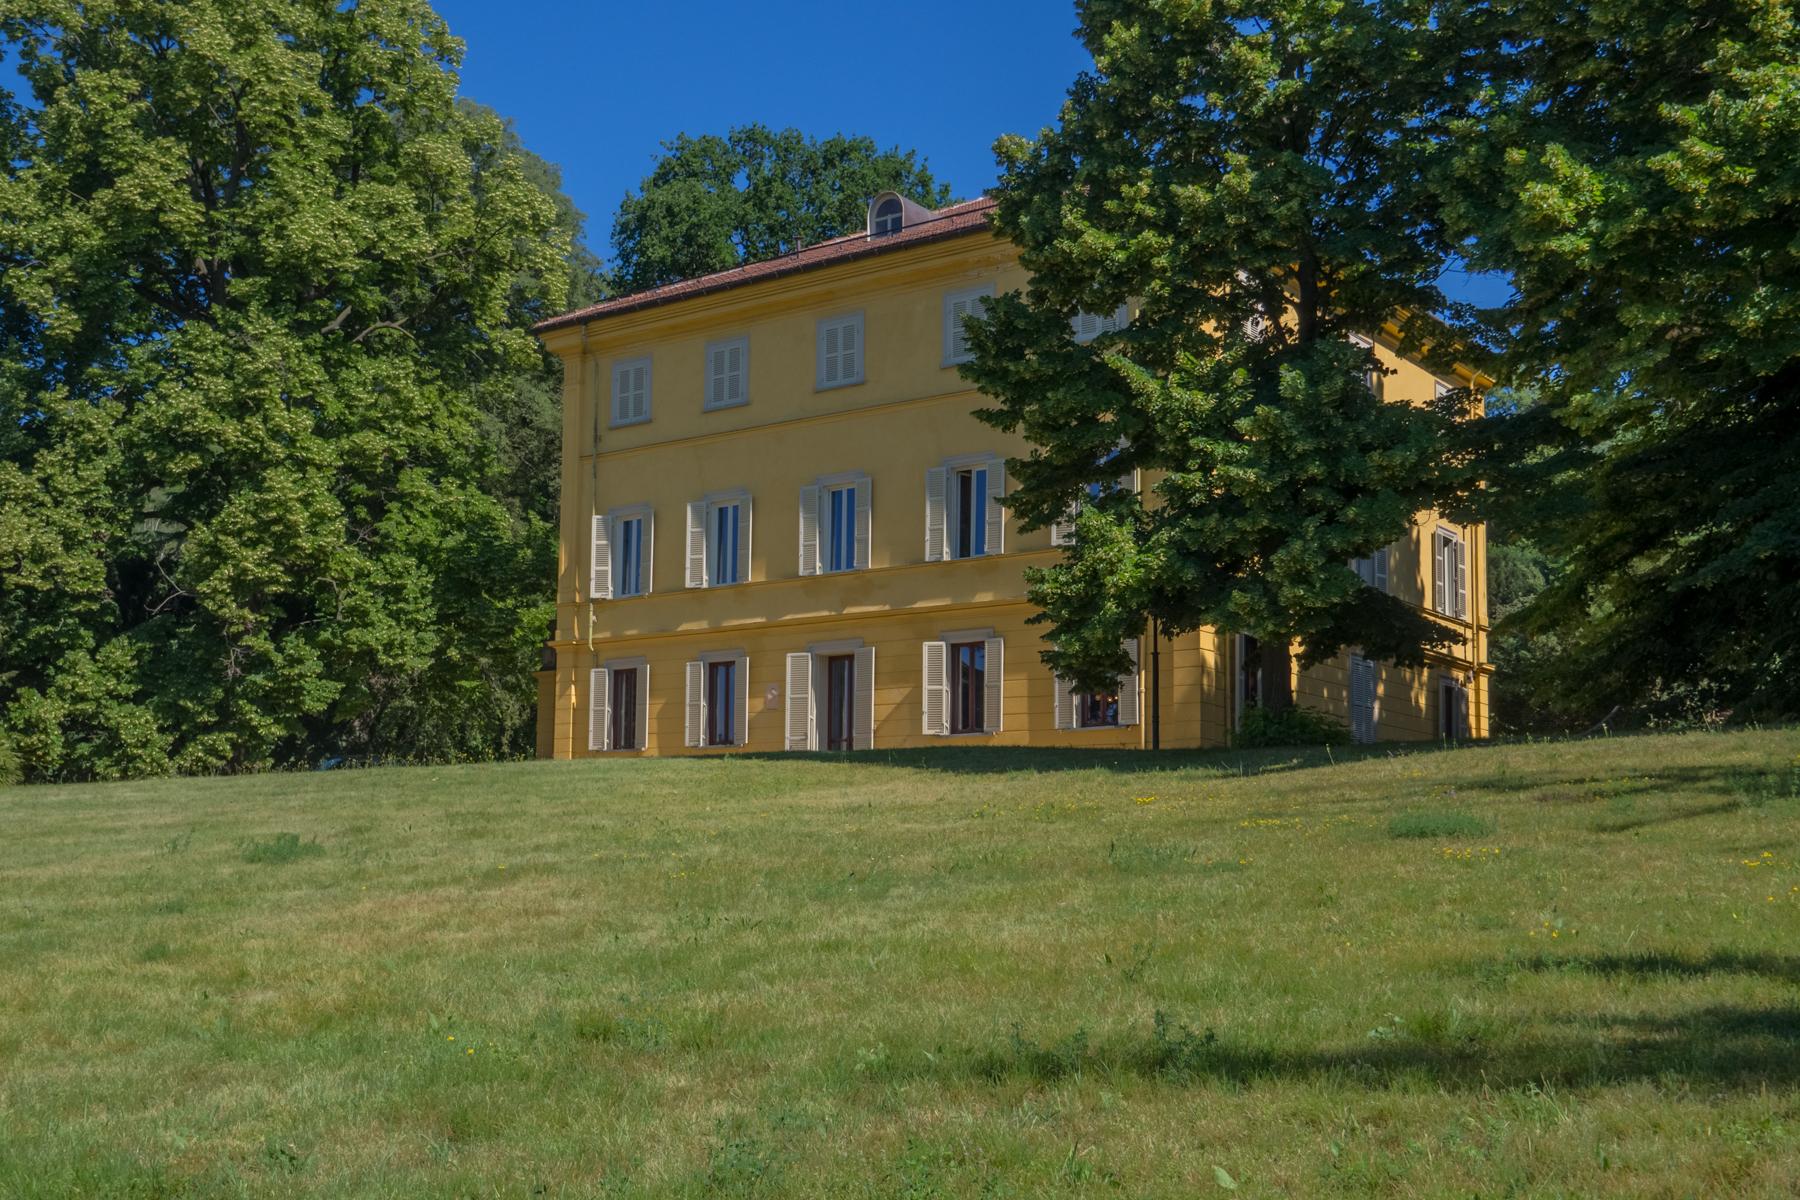 Villa in Affitto a Moncalieri: 5 locali, 983 mq